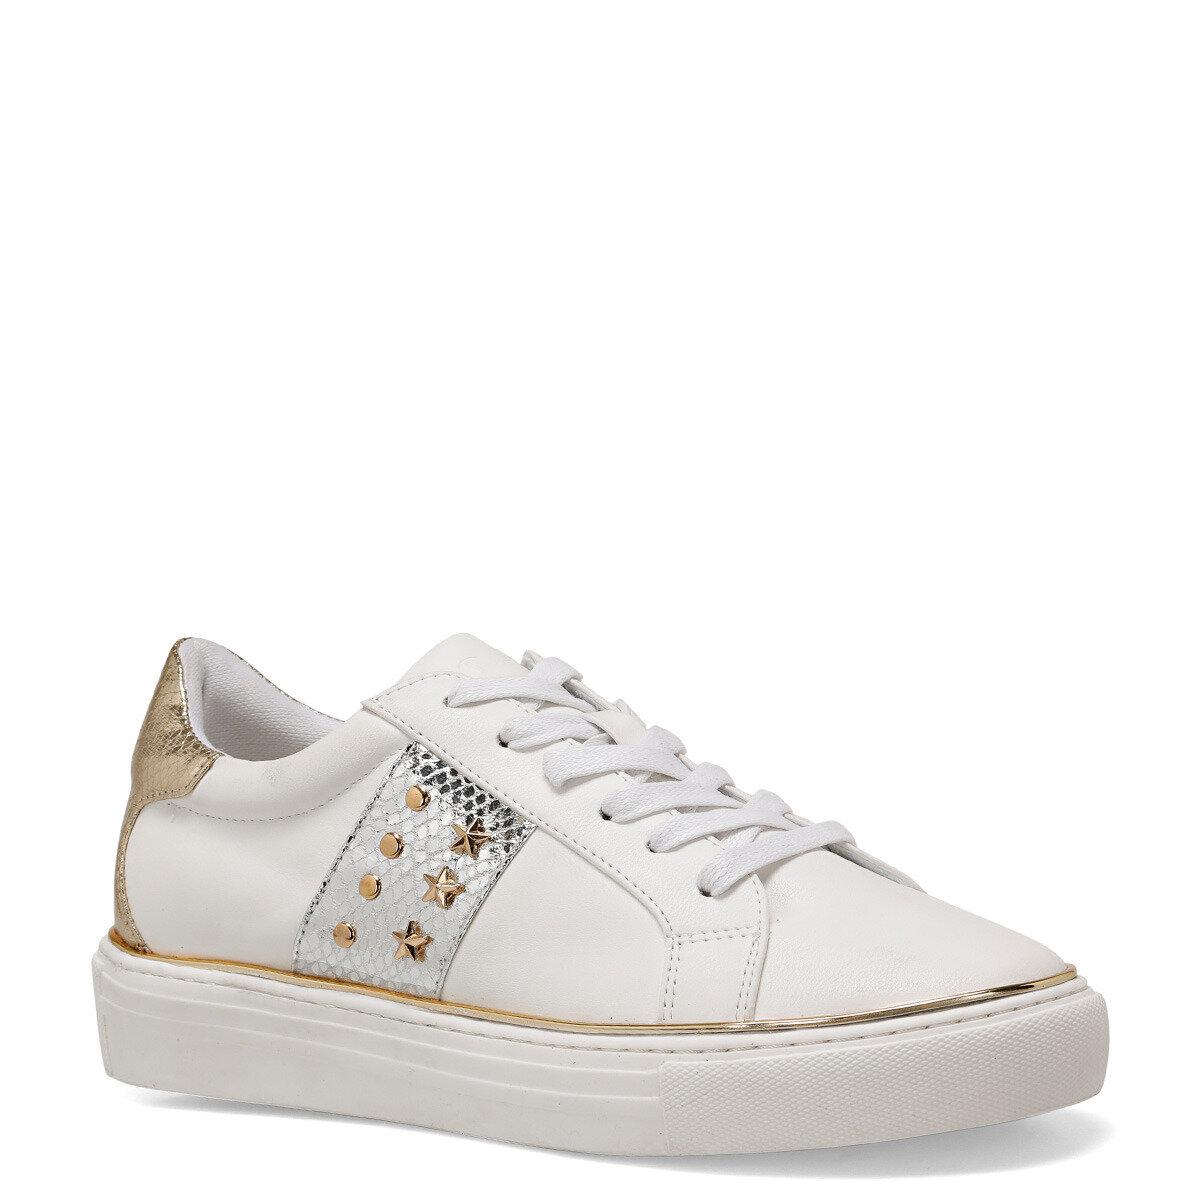 MADDY Beyaz Kadın Spor Ayakkabı